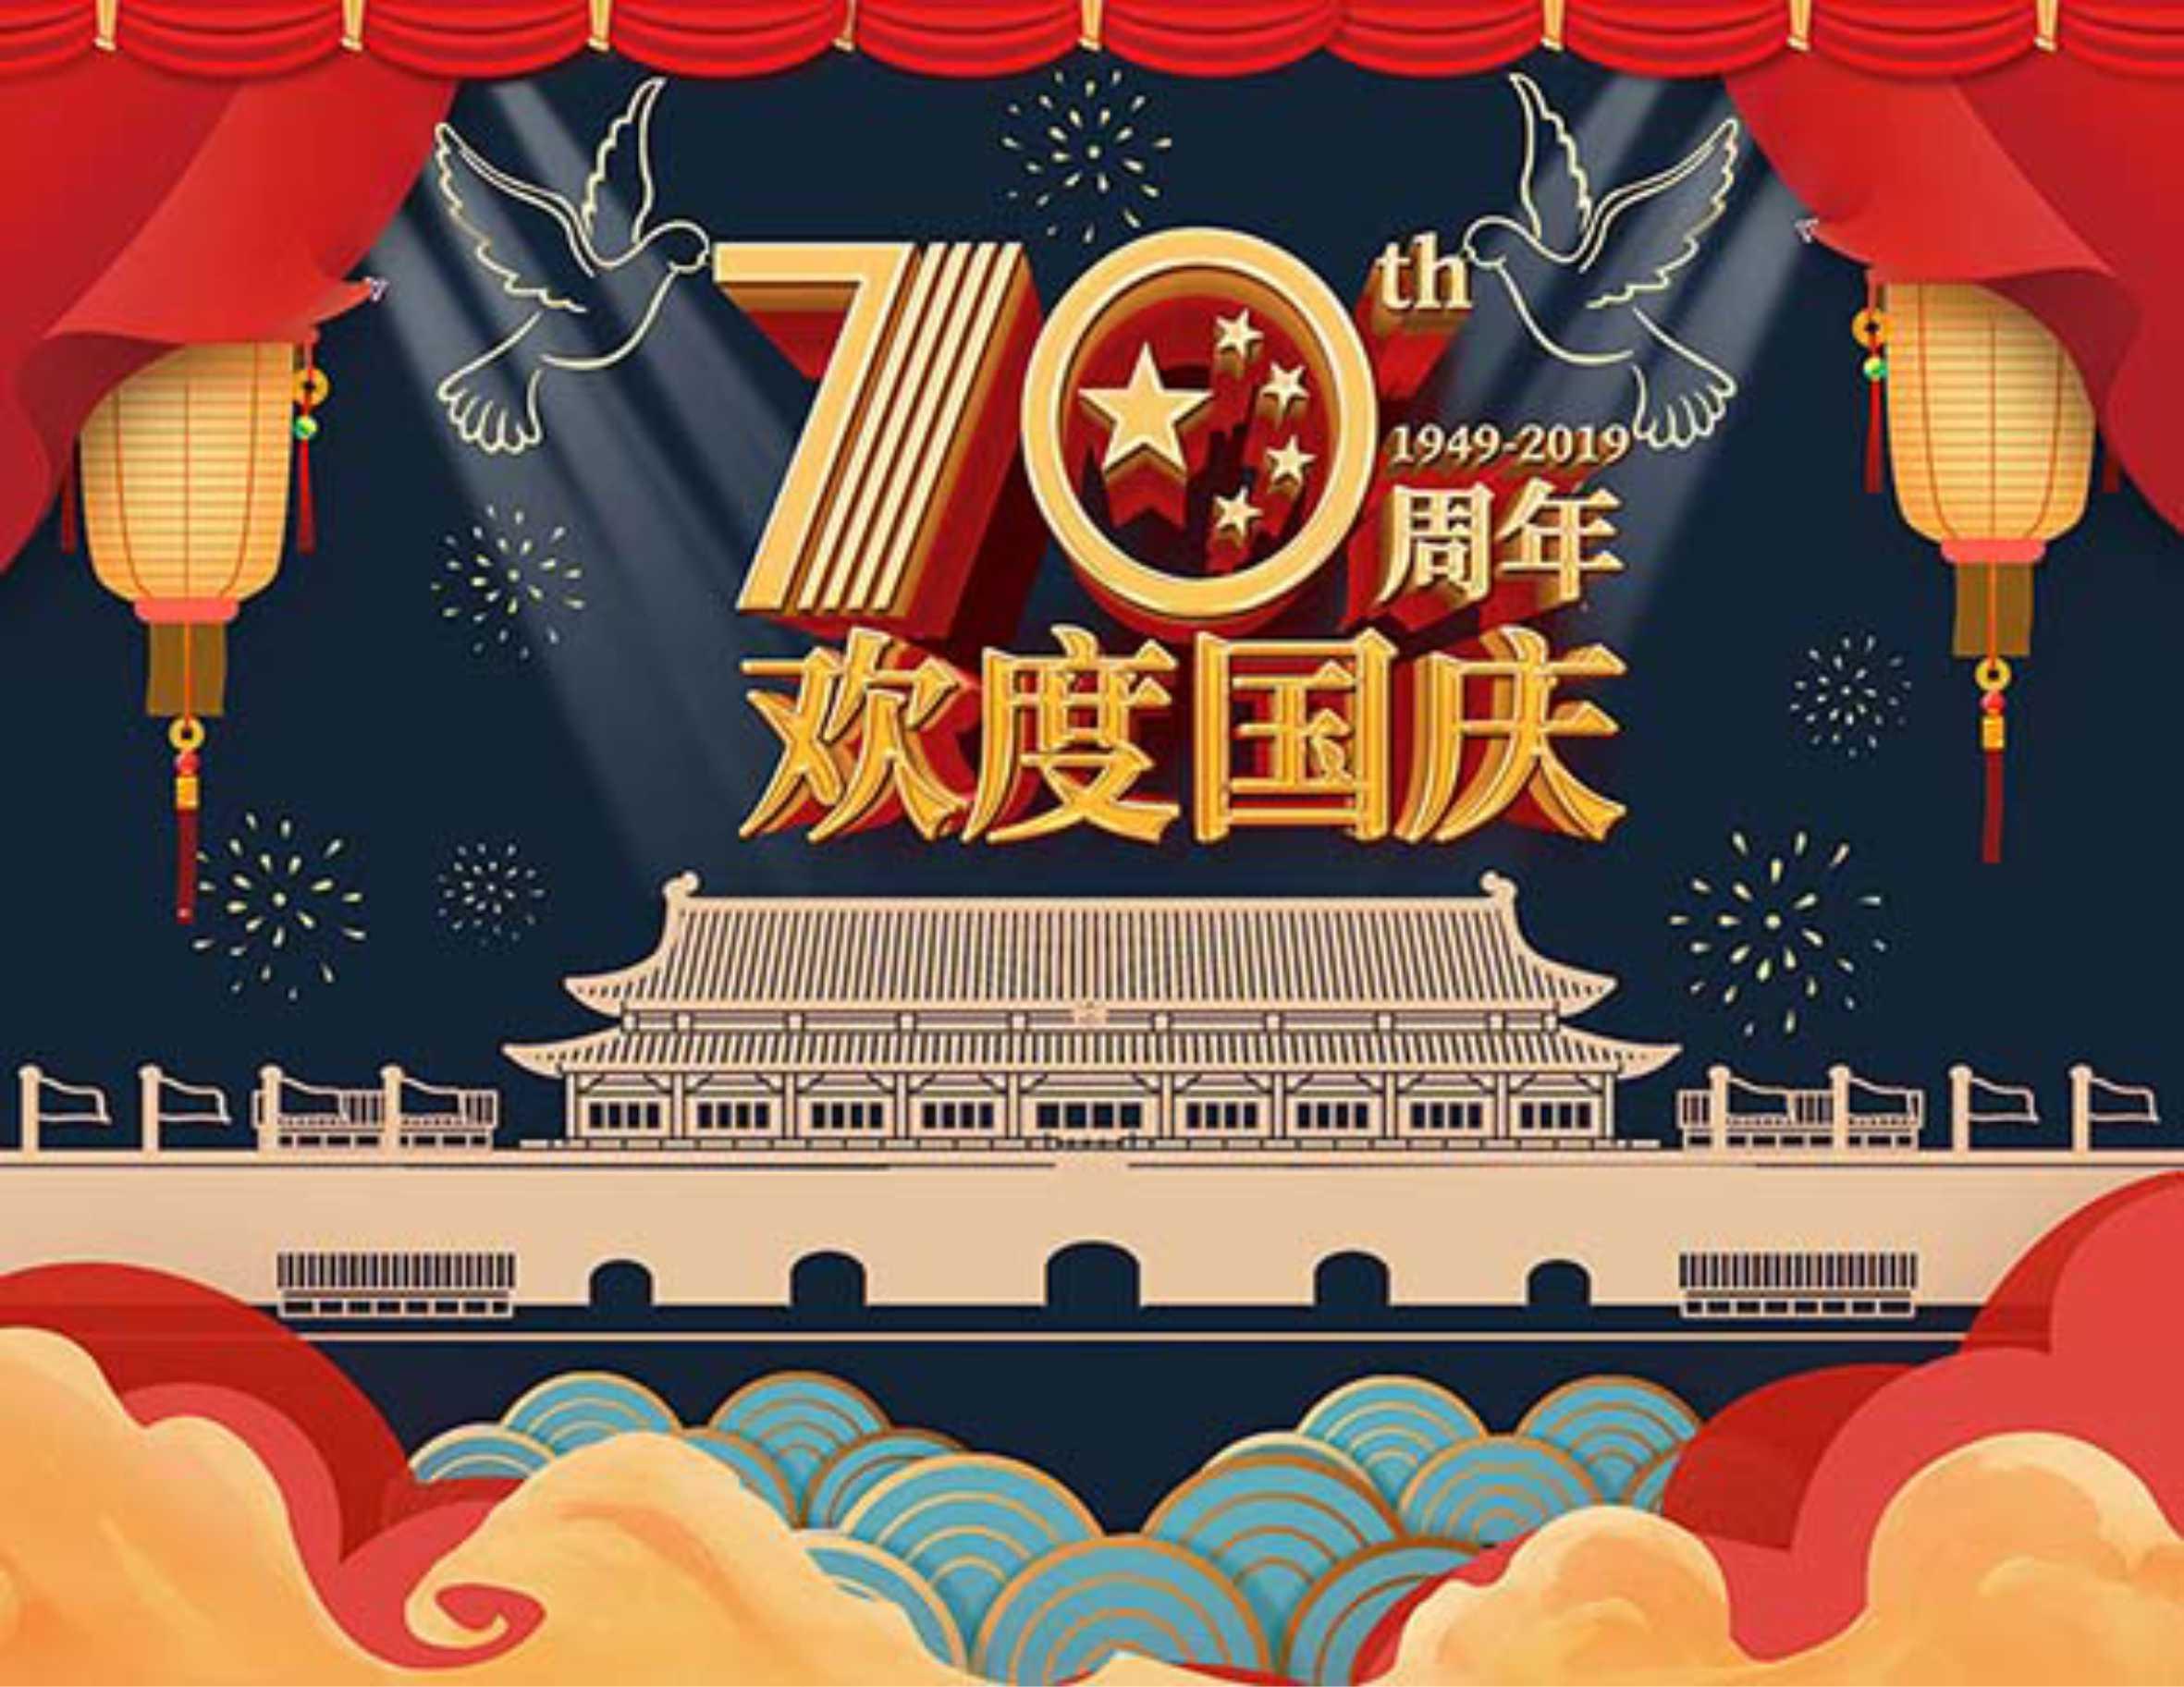 为我和我的祖国七十华诞敬礼!